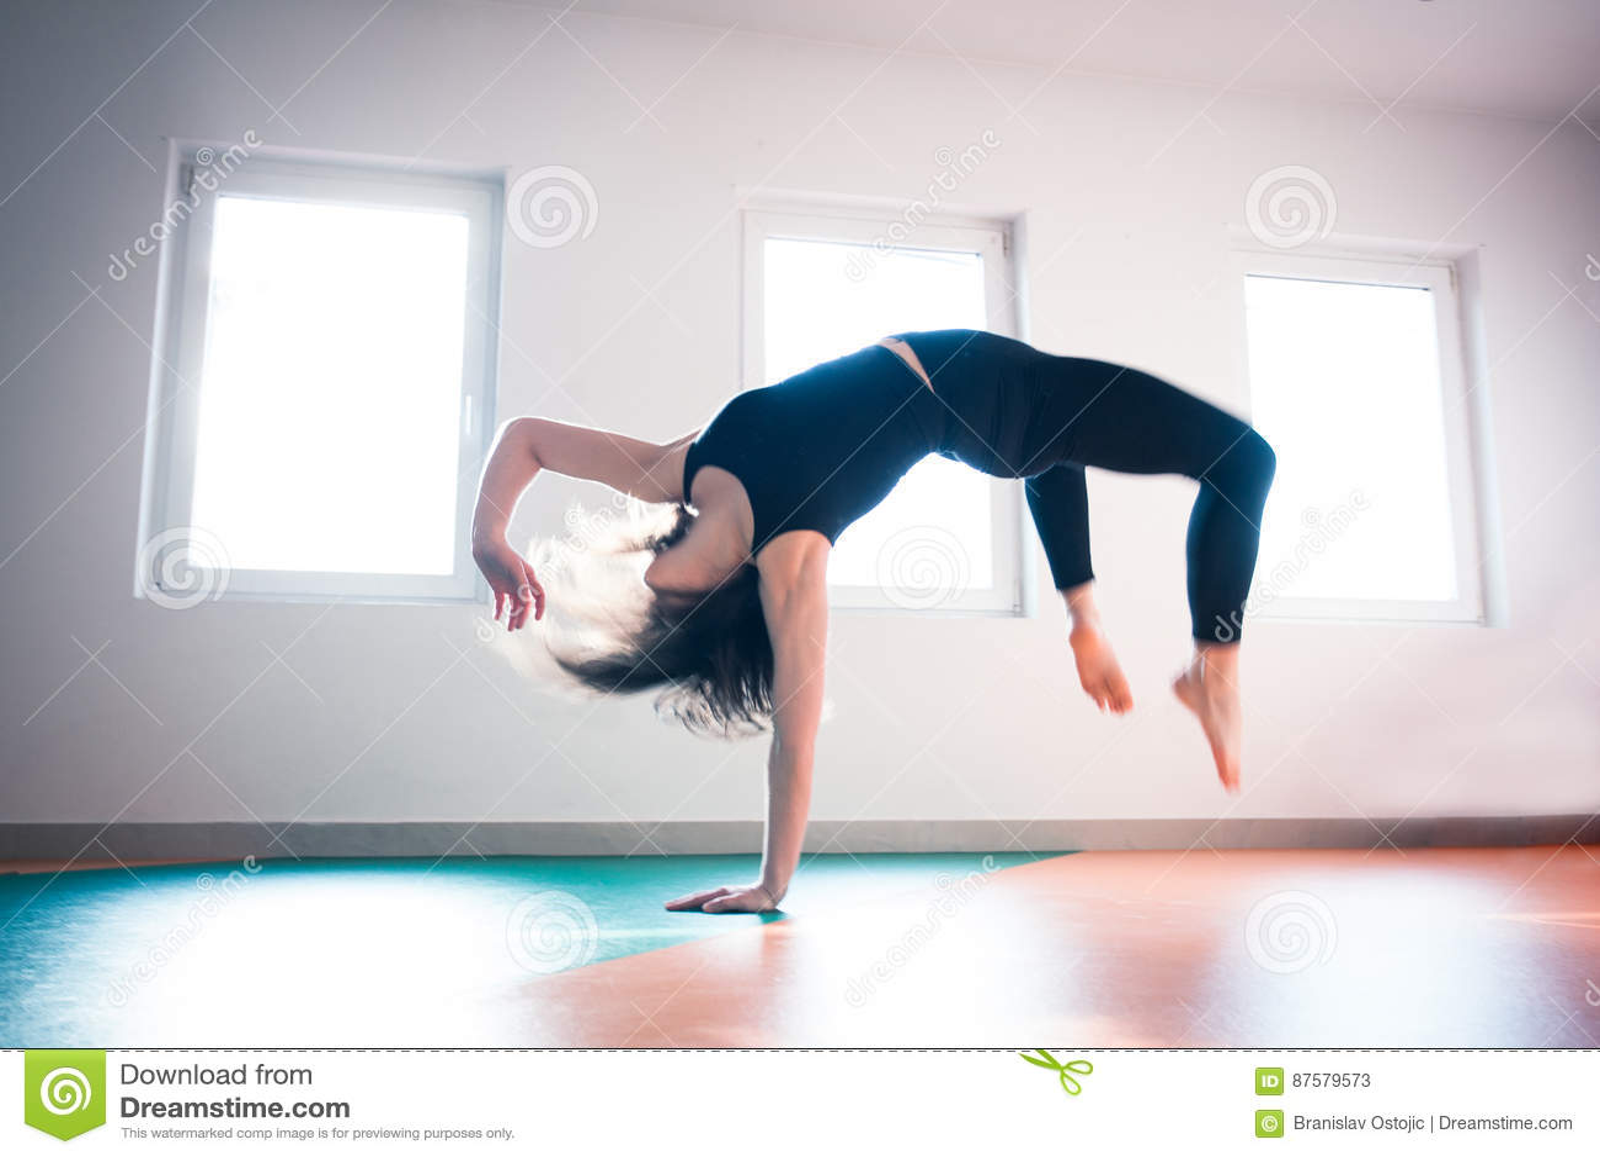 Woman Dancer Practice Floor Jump On Ballet Class Stock Image Image